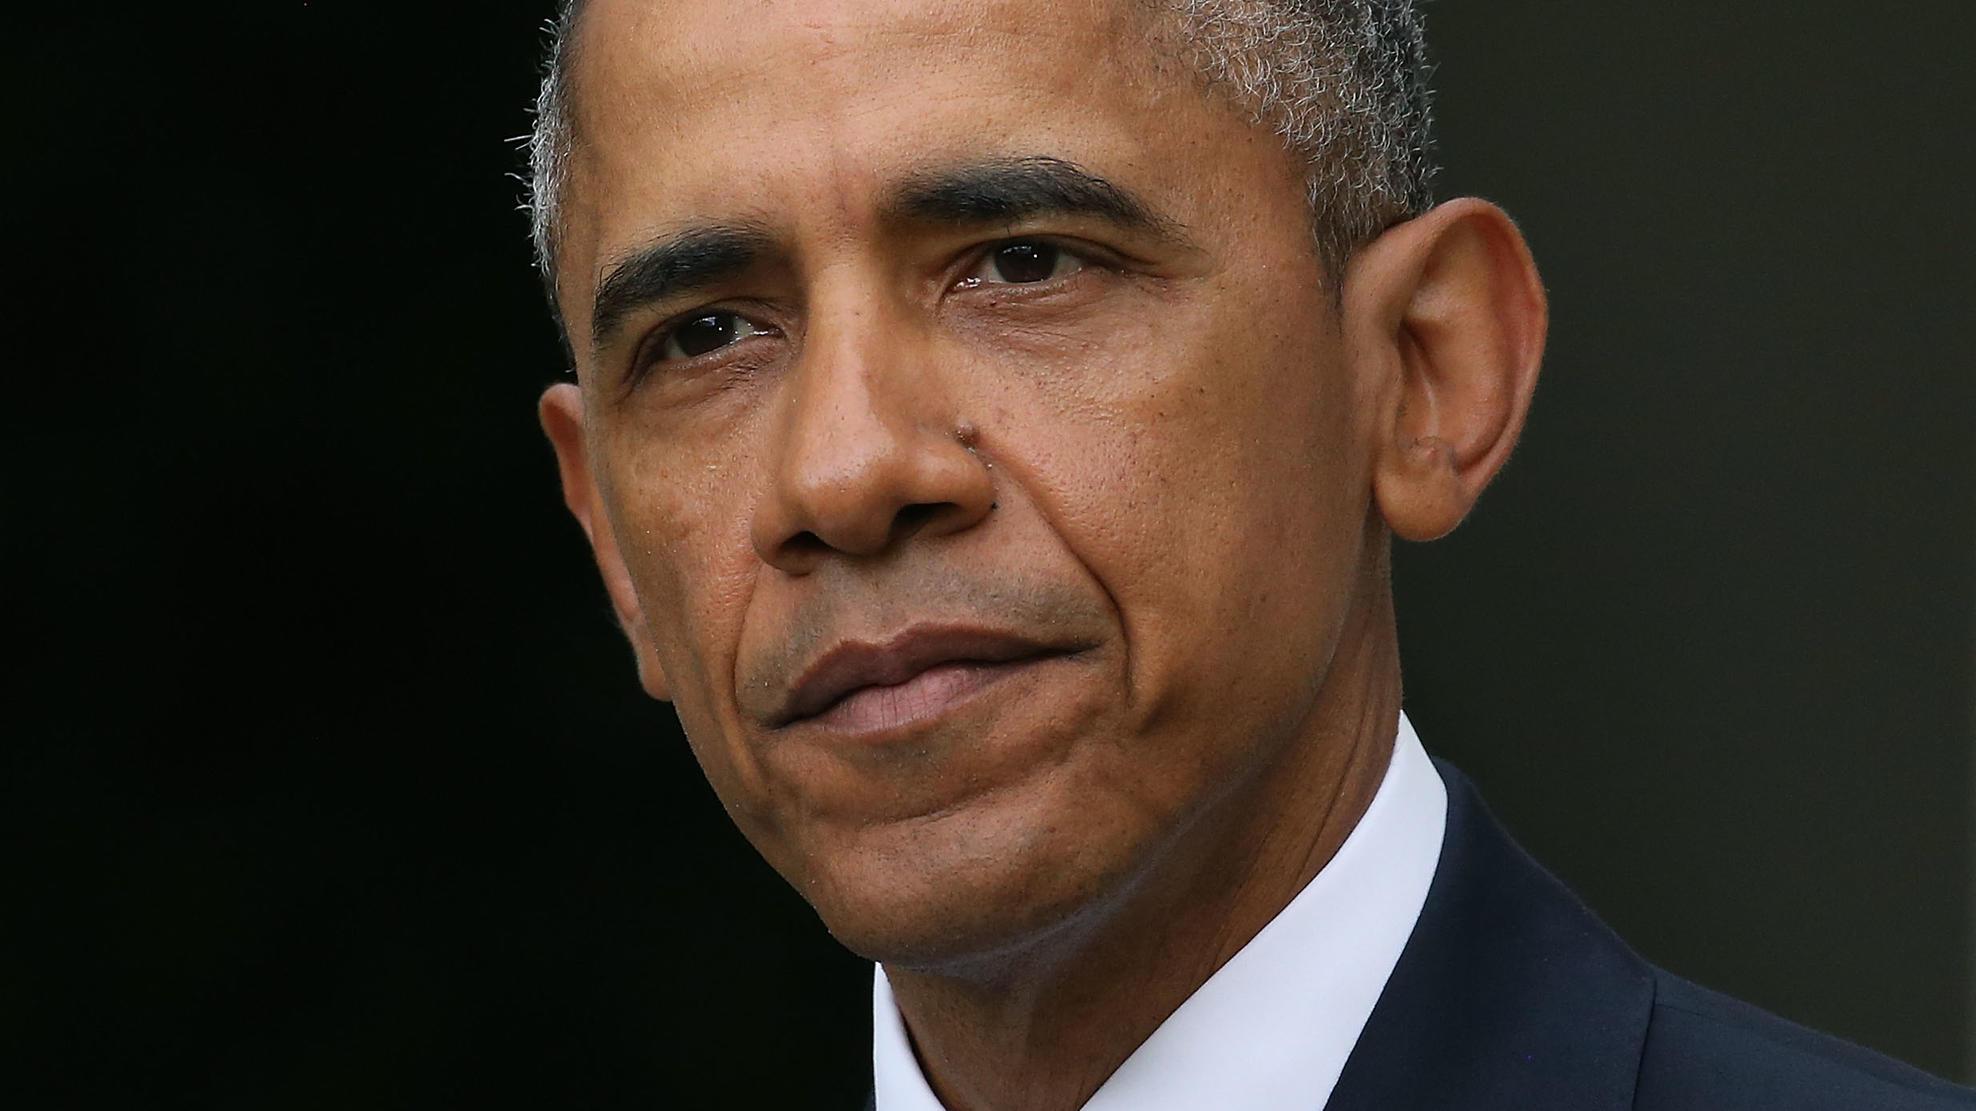 Barack Obama: Diesen neuen Job hat er nicht bekommen